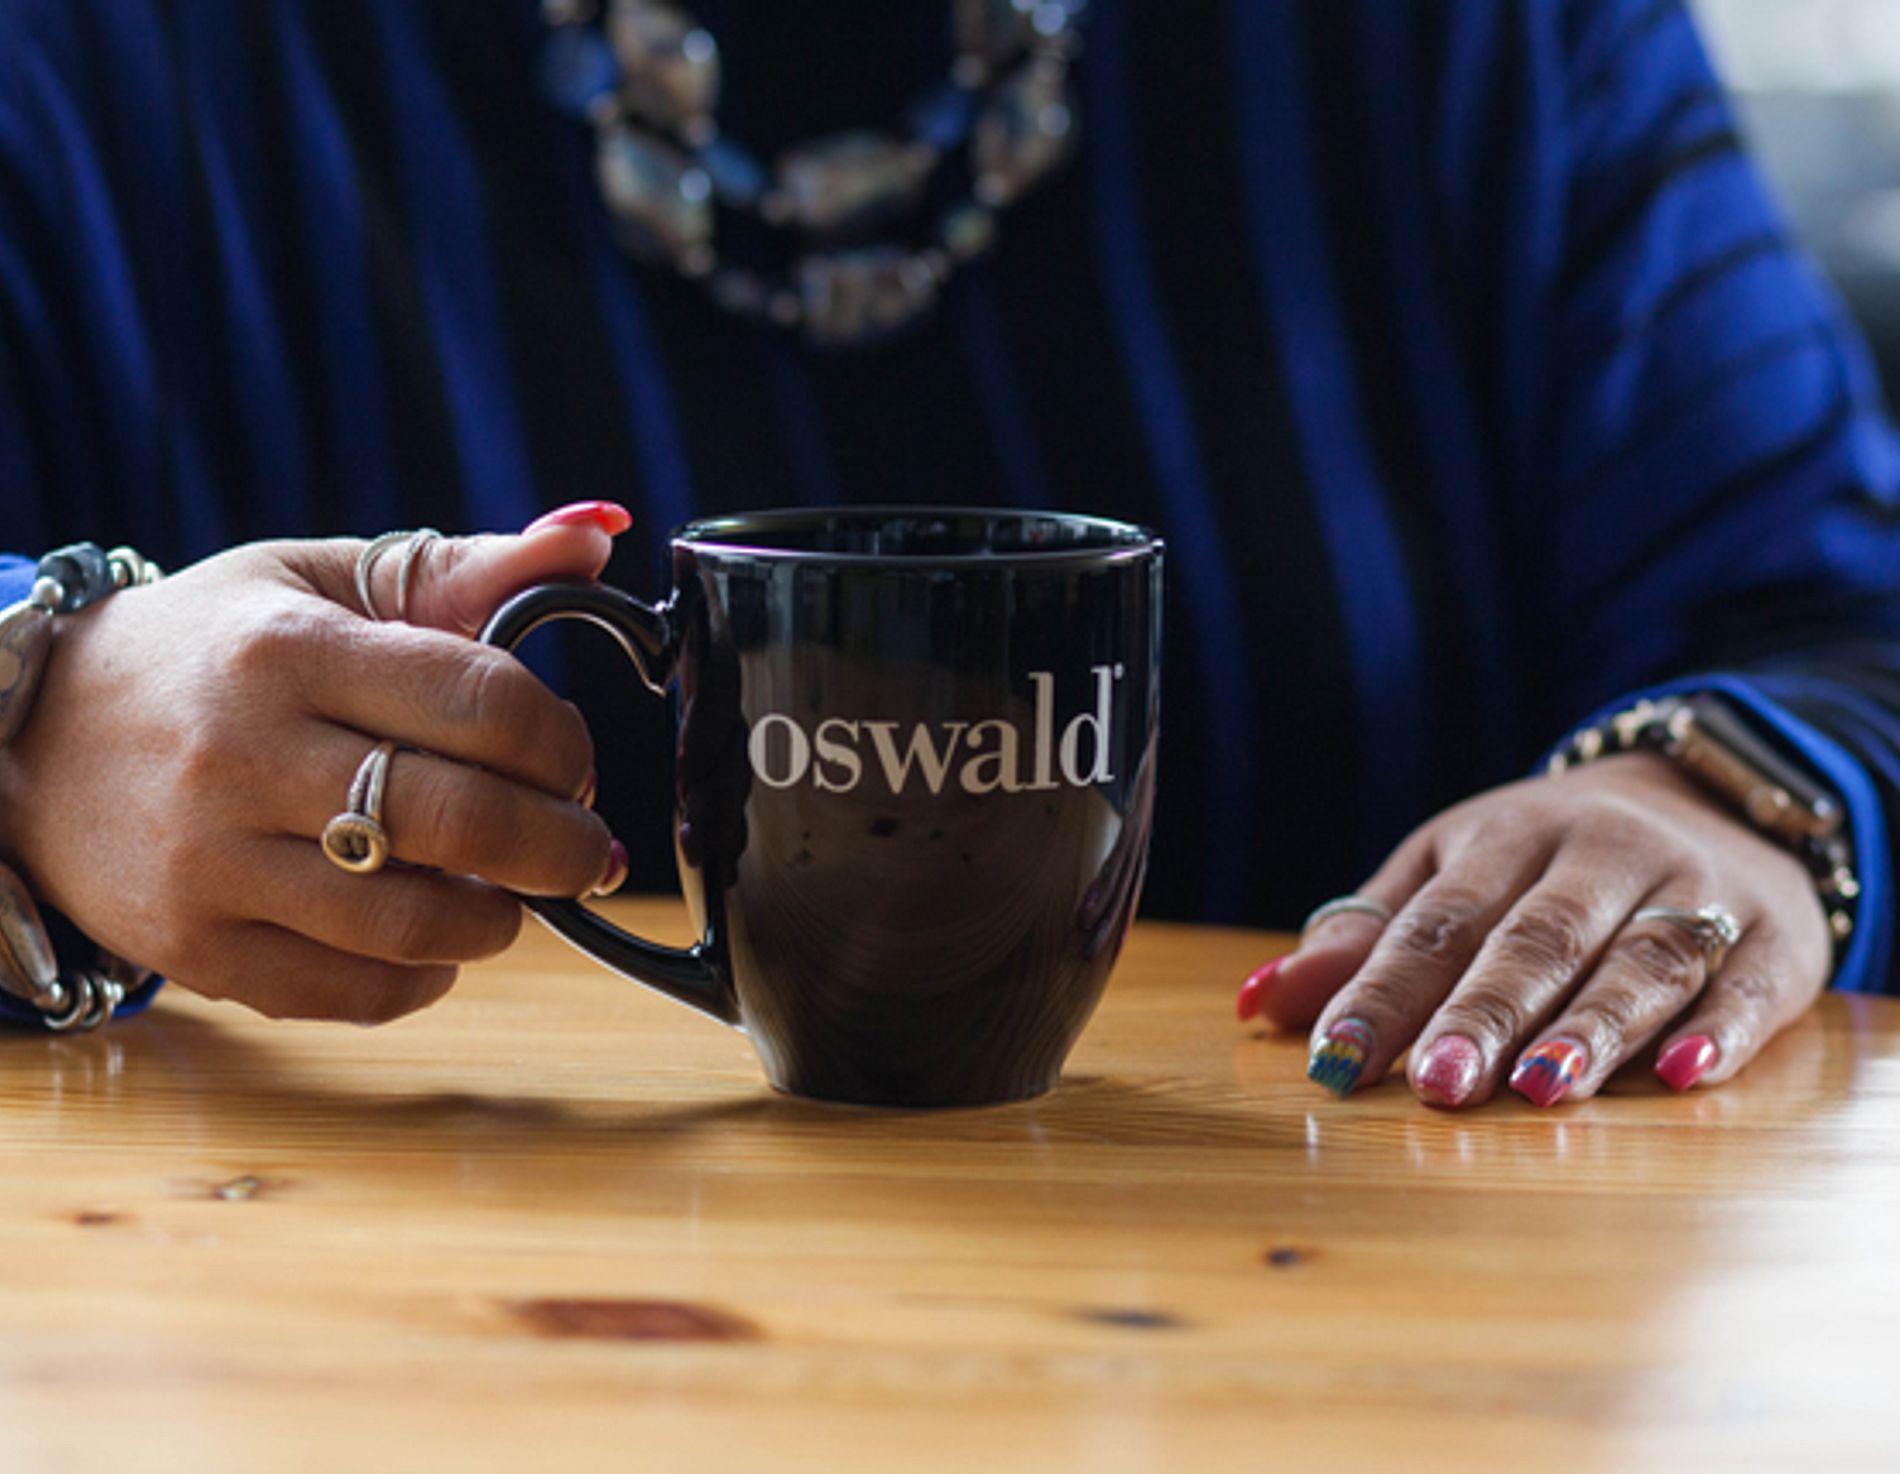 Woman holding a mug at a table